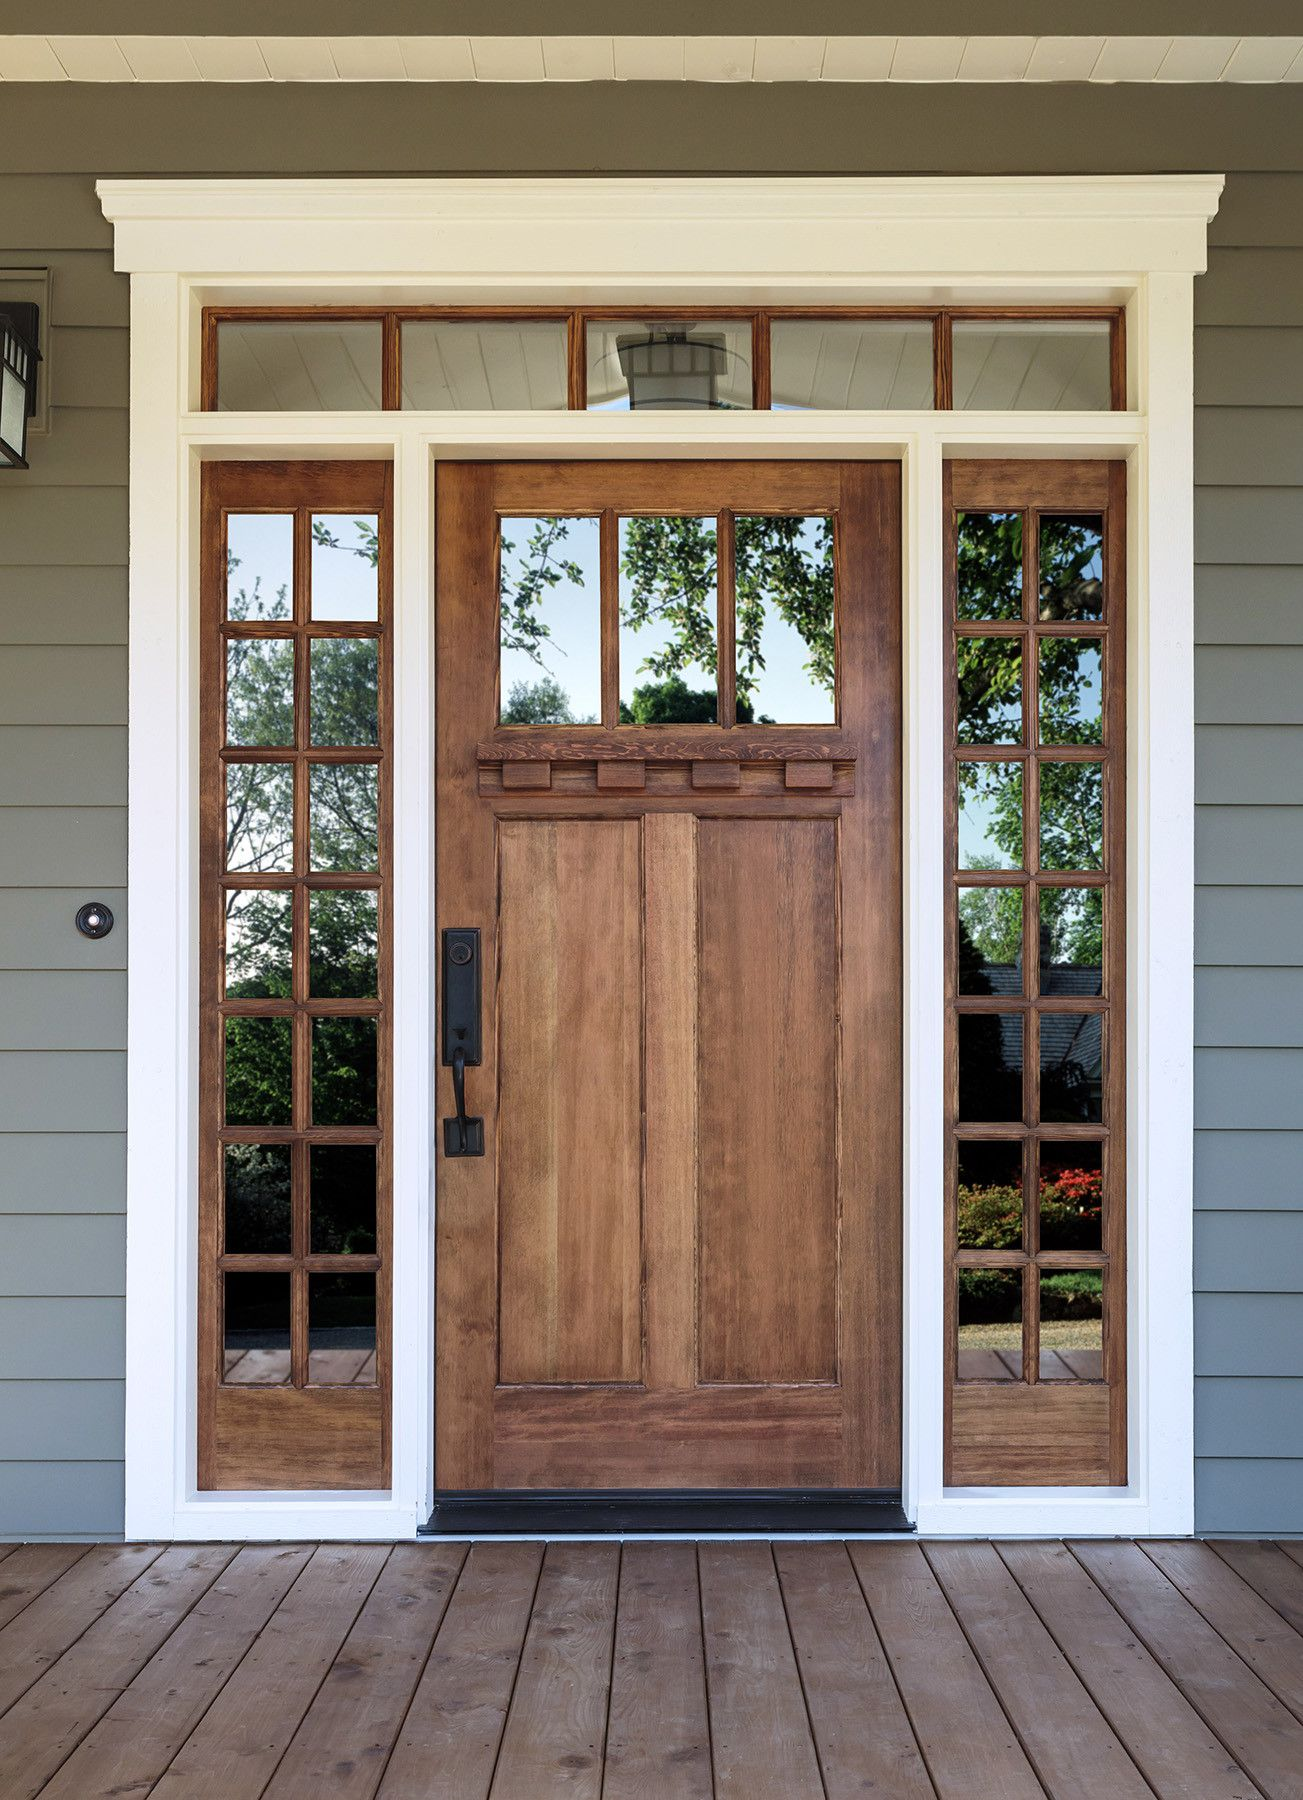 Wallpops dc fix mirrored window film doors pinterest entrada